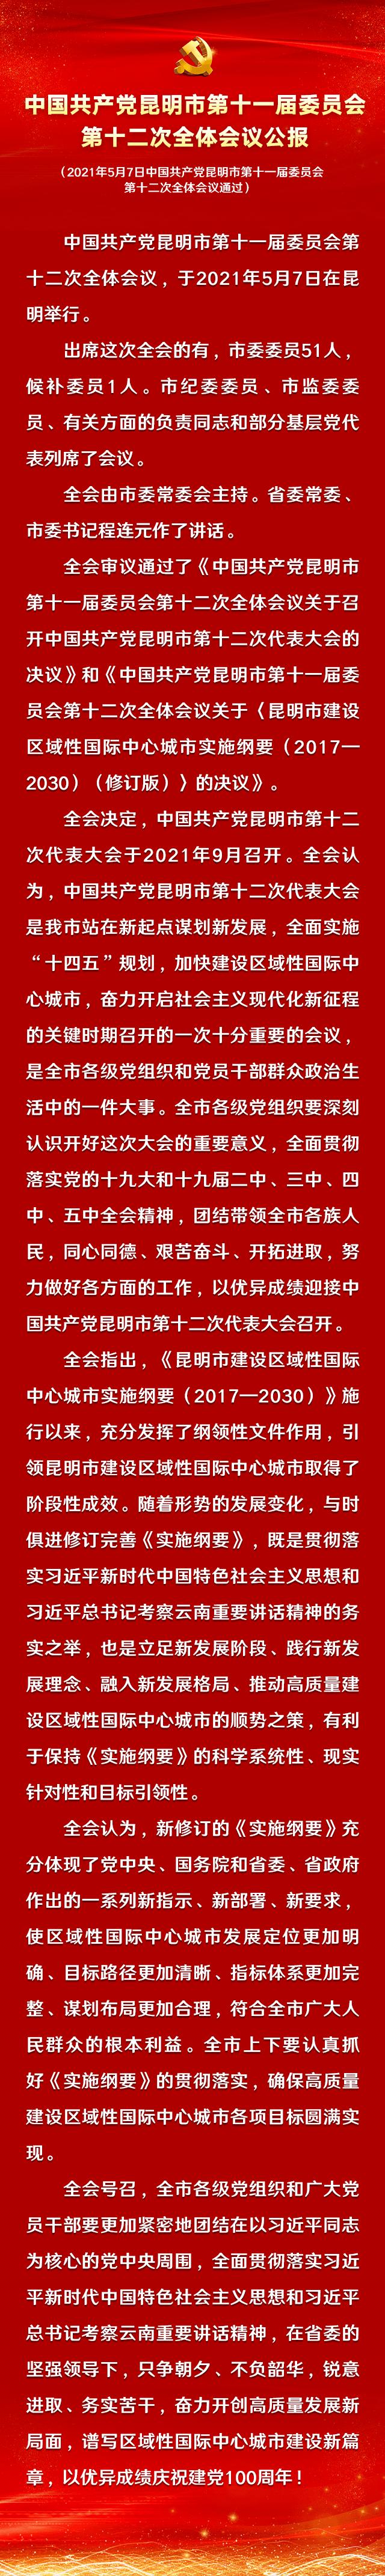 中国共产党昆明市第十一届委员会第十二次全体会议公报